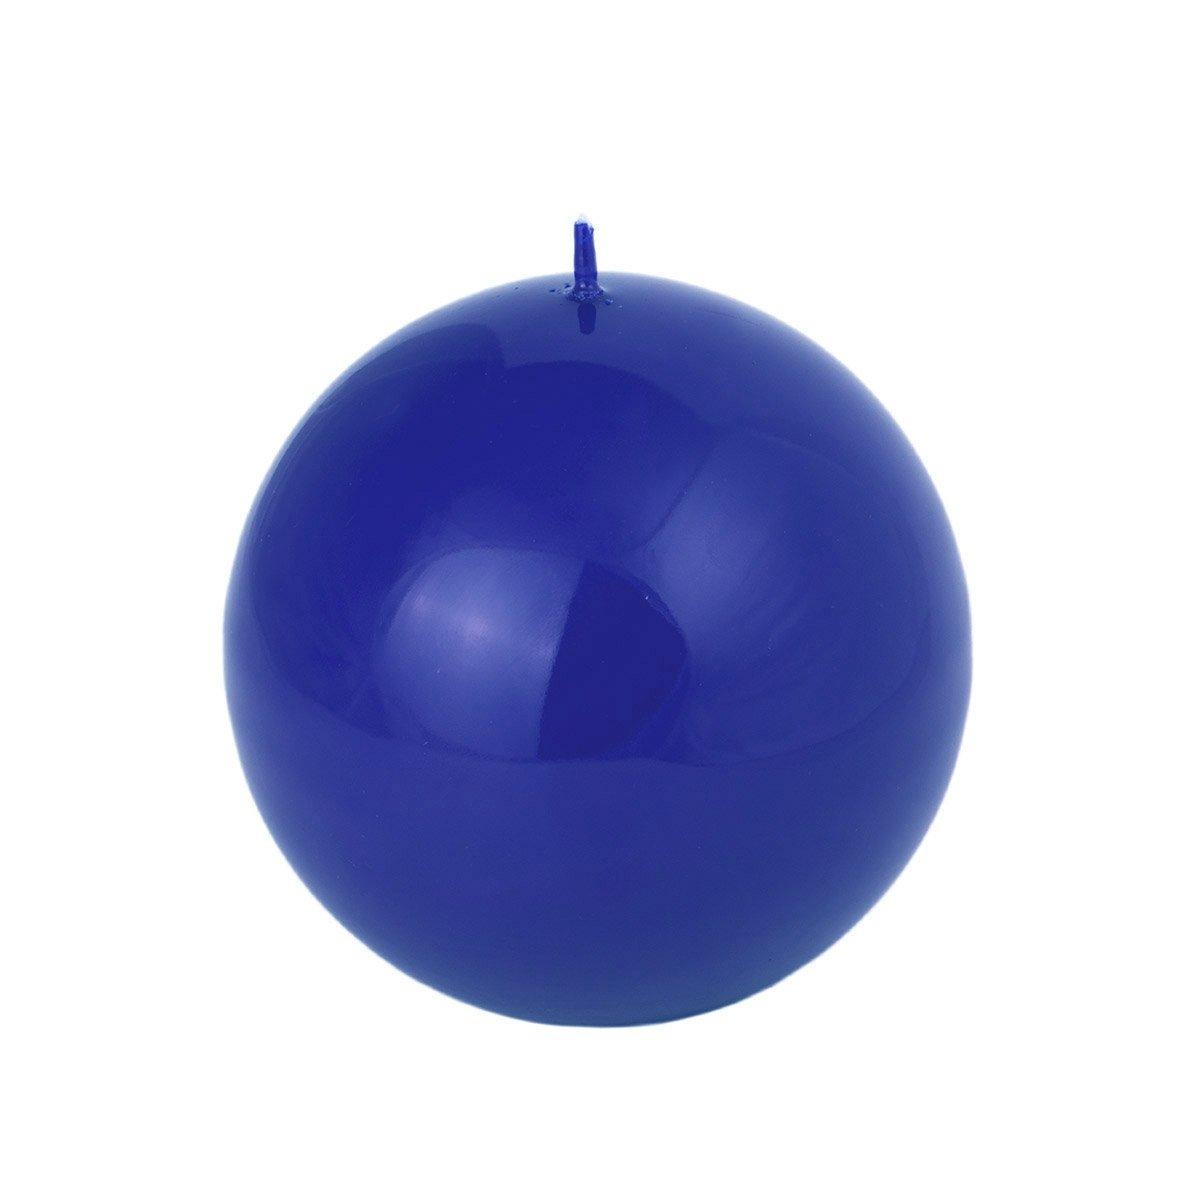 Roi Bougies à boule bleue 4tailles au choix boule bleu brillant, bleu roi, Komplettset alle 4 Größen Komplettset alle 4 Größen Adpal Kerzenmanufaktur